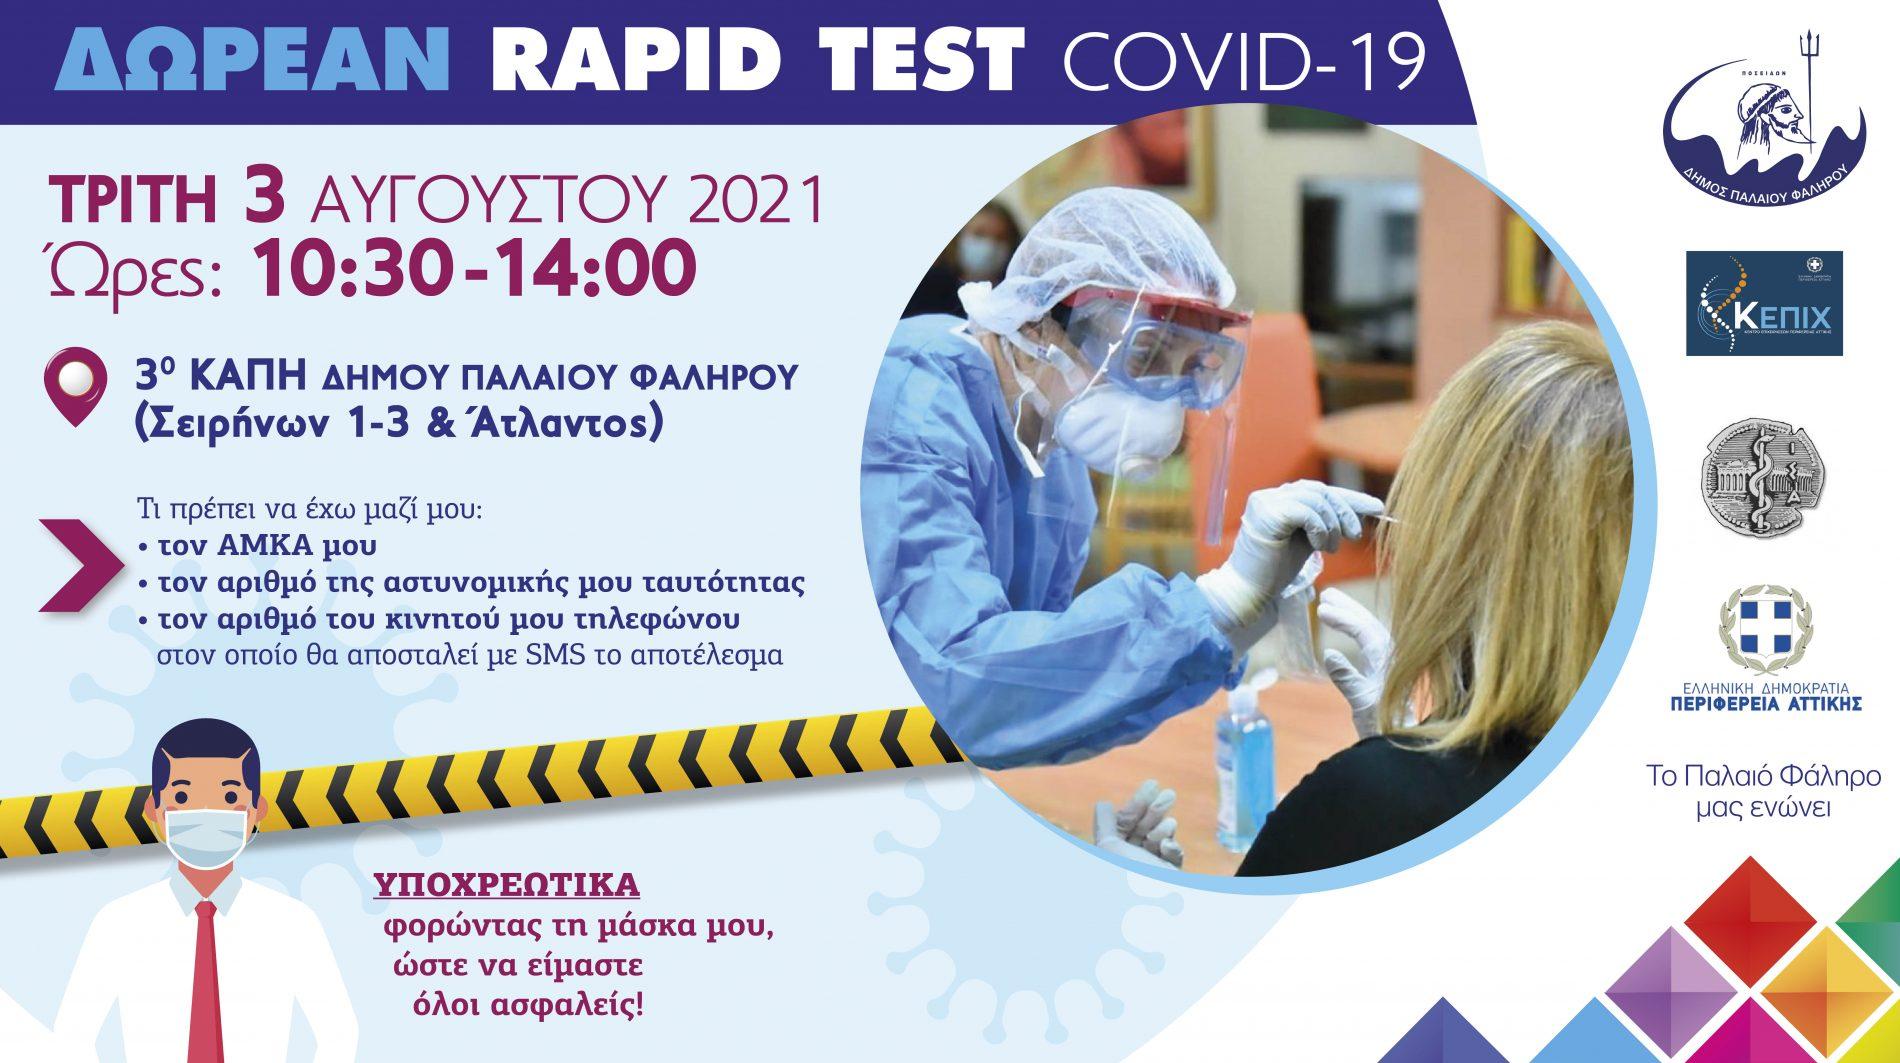 Δωρεάν rapid test COVID-19 στο Παλαιό Φάληρο